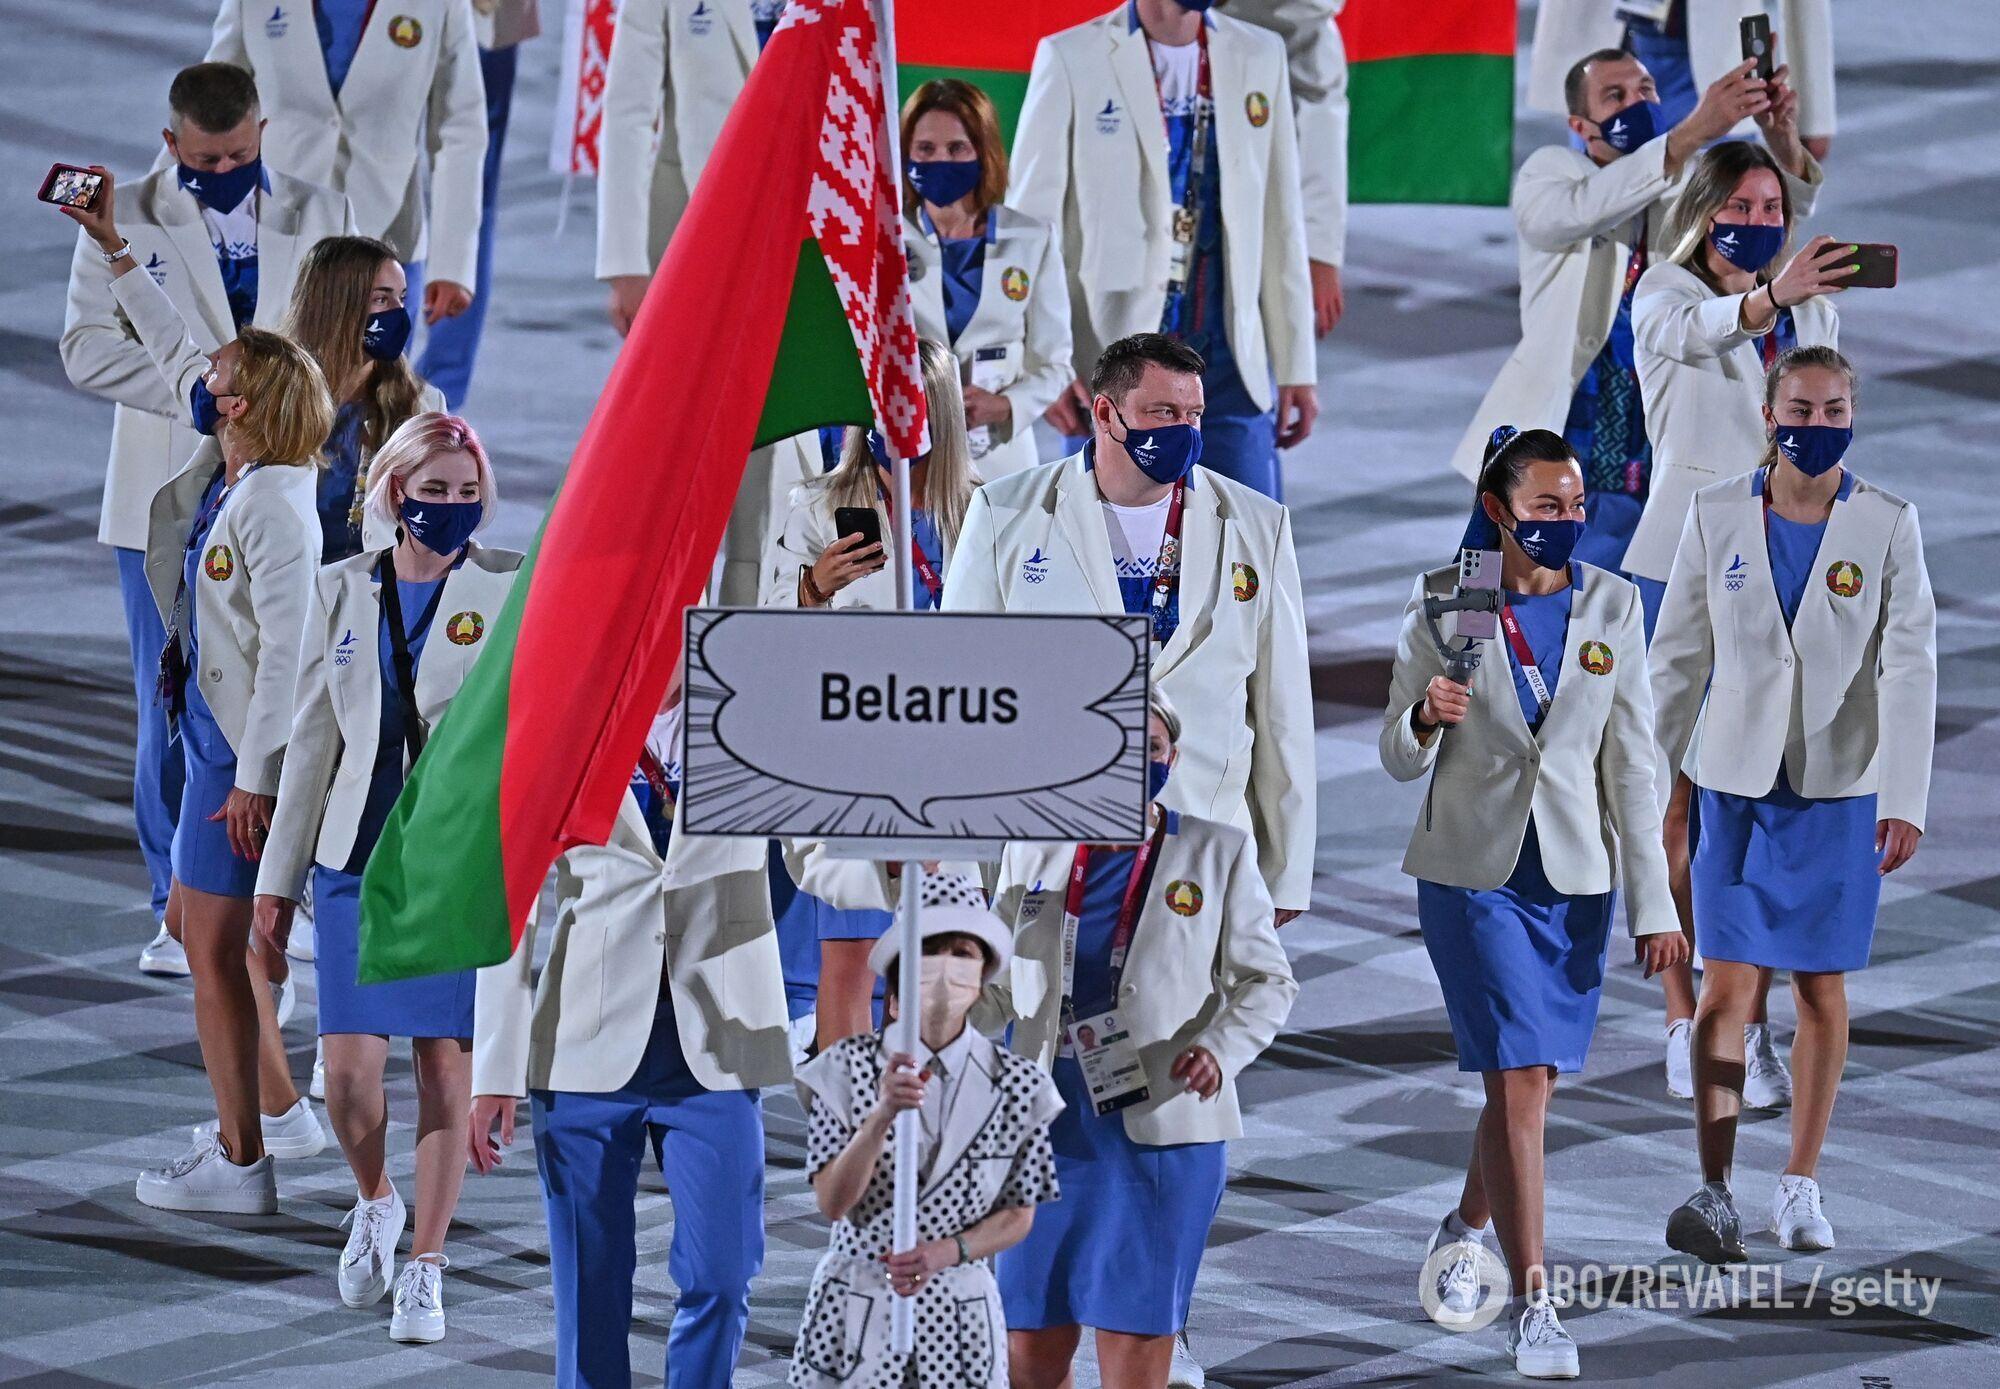 Лукашенко сказал белорусским спортсменам не возвращаться с Олимпиады без медалей - фото